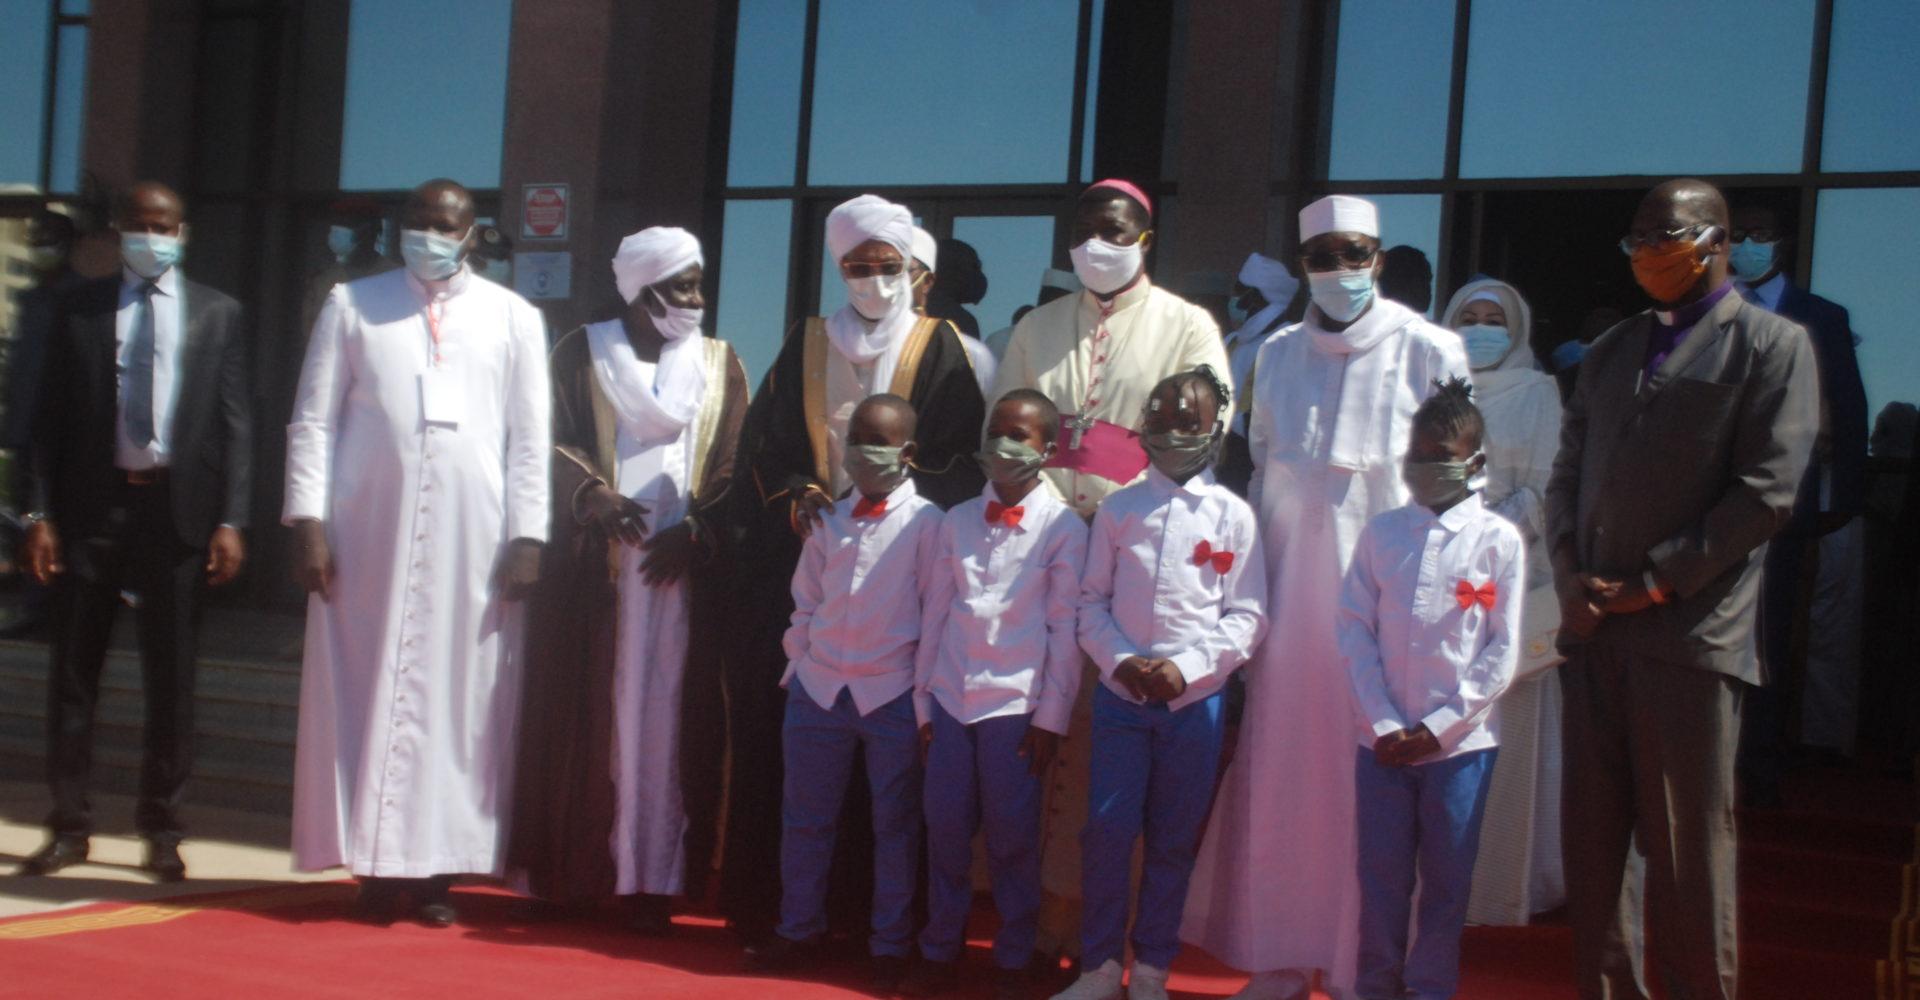 Le Tchad célèbre la 62ème année de la proclamation de la République avec la prière 1